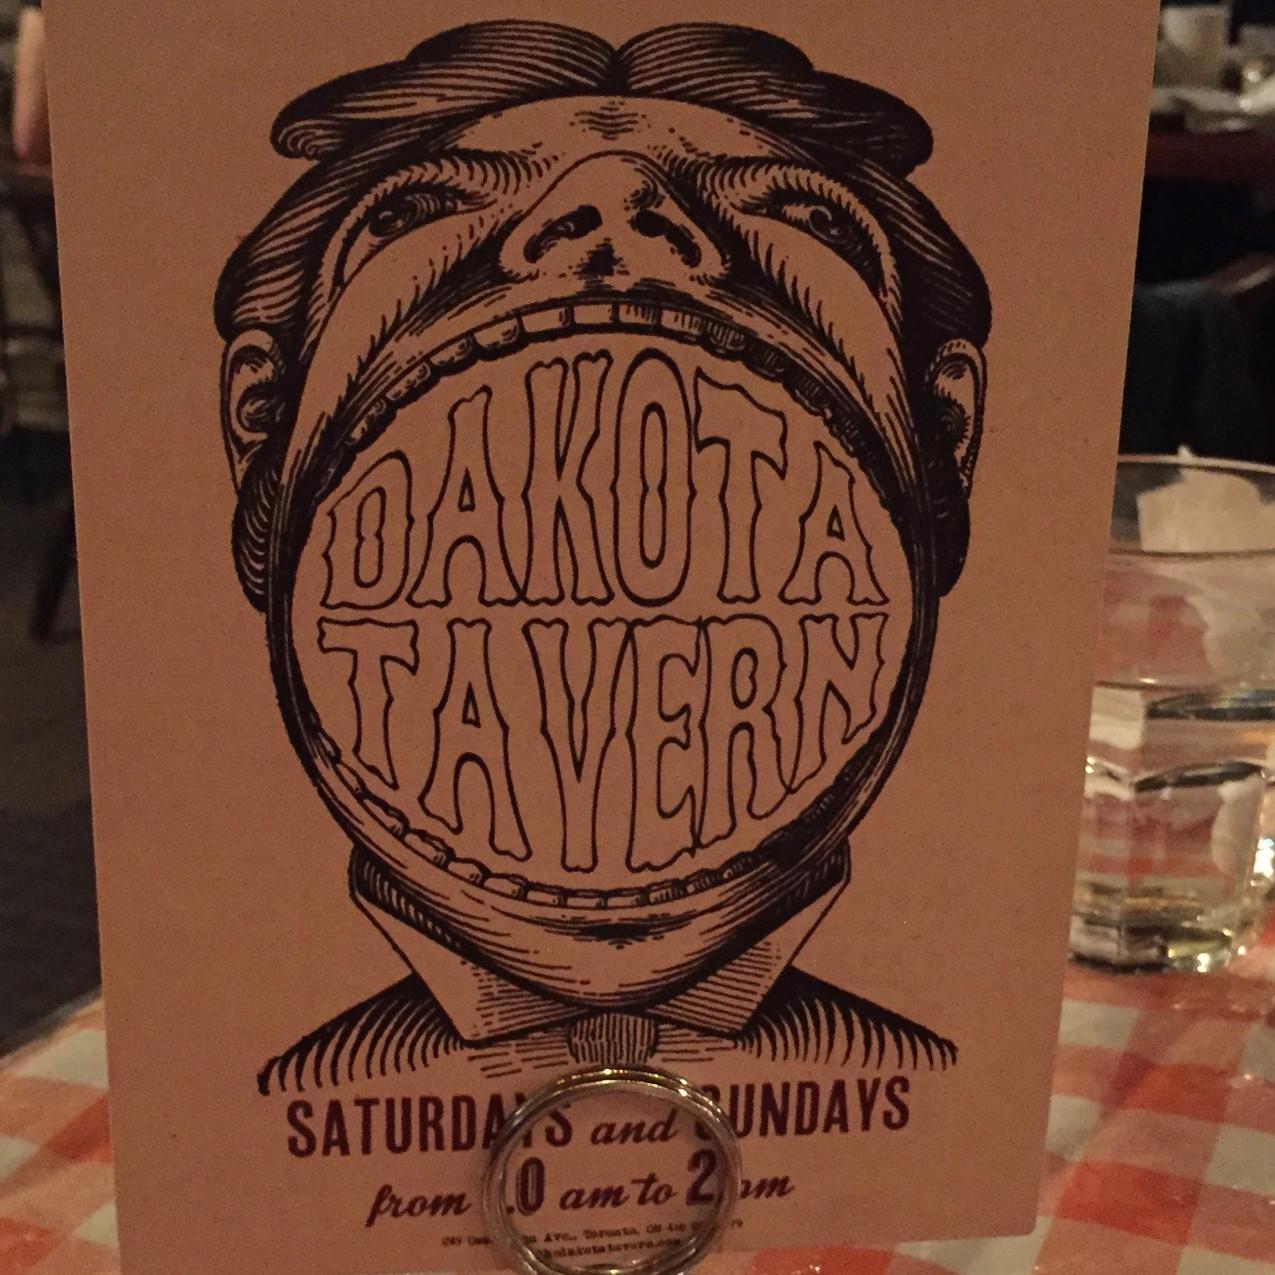 Dakota Tavern Bluegrass Brunch